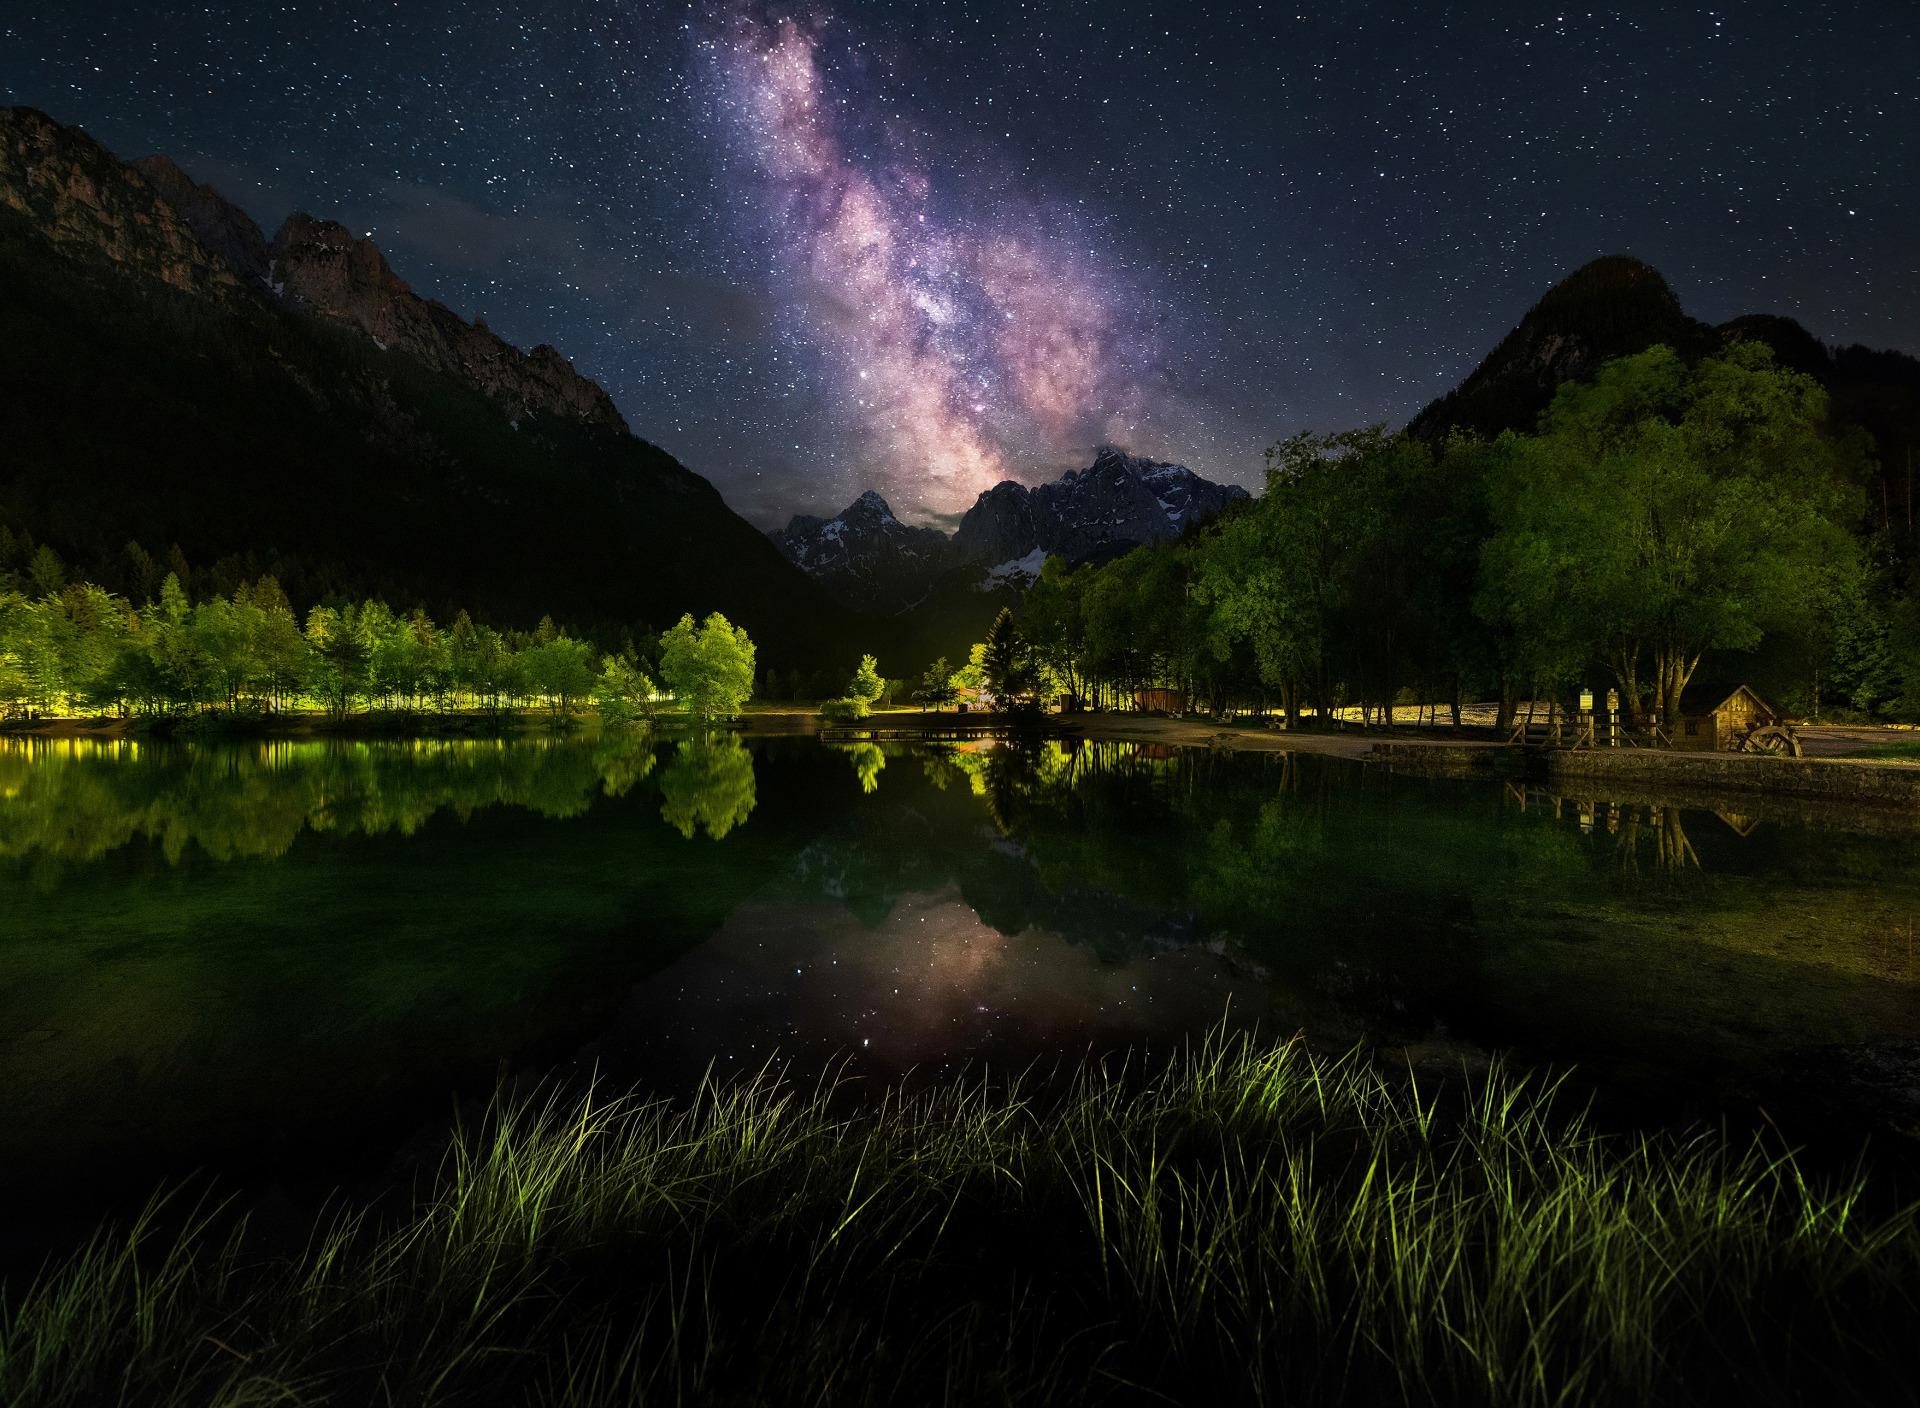 центр можно красивая ночь фото картинки каково